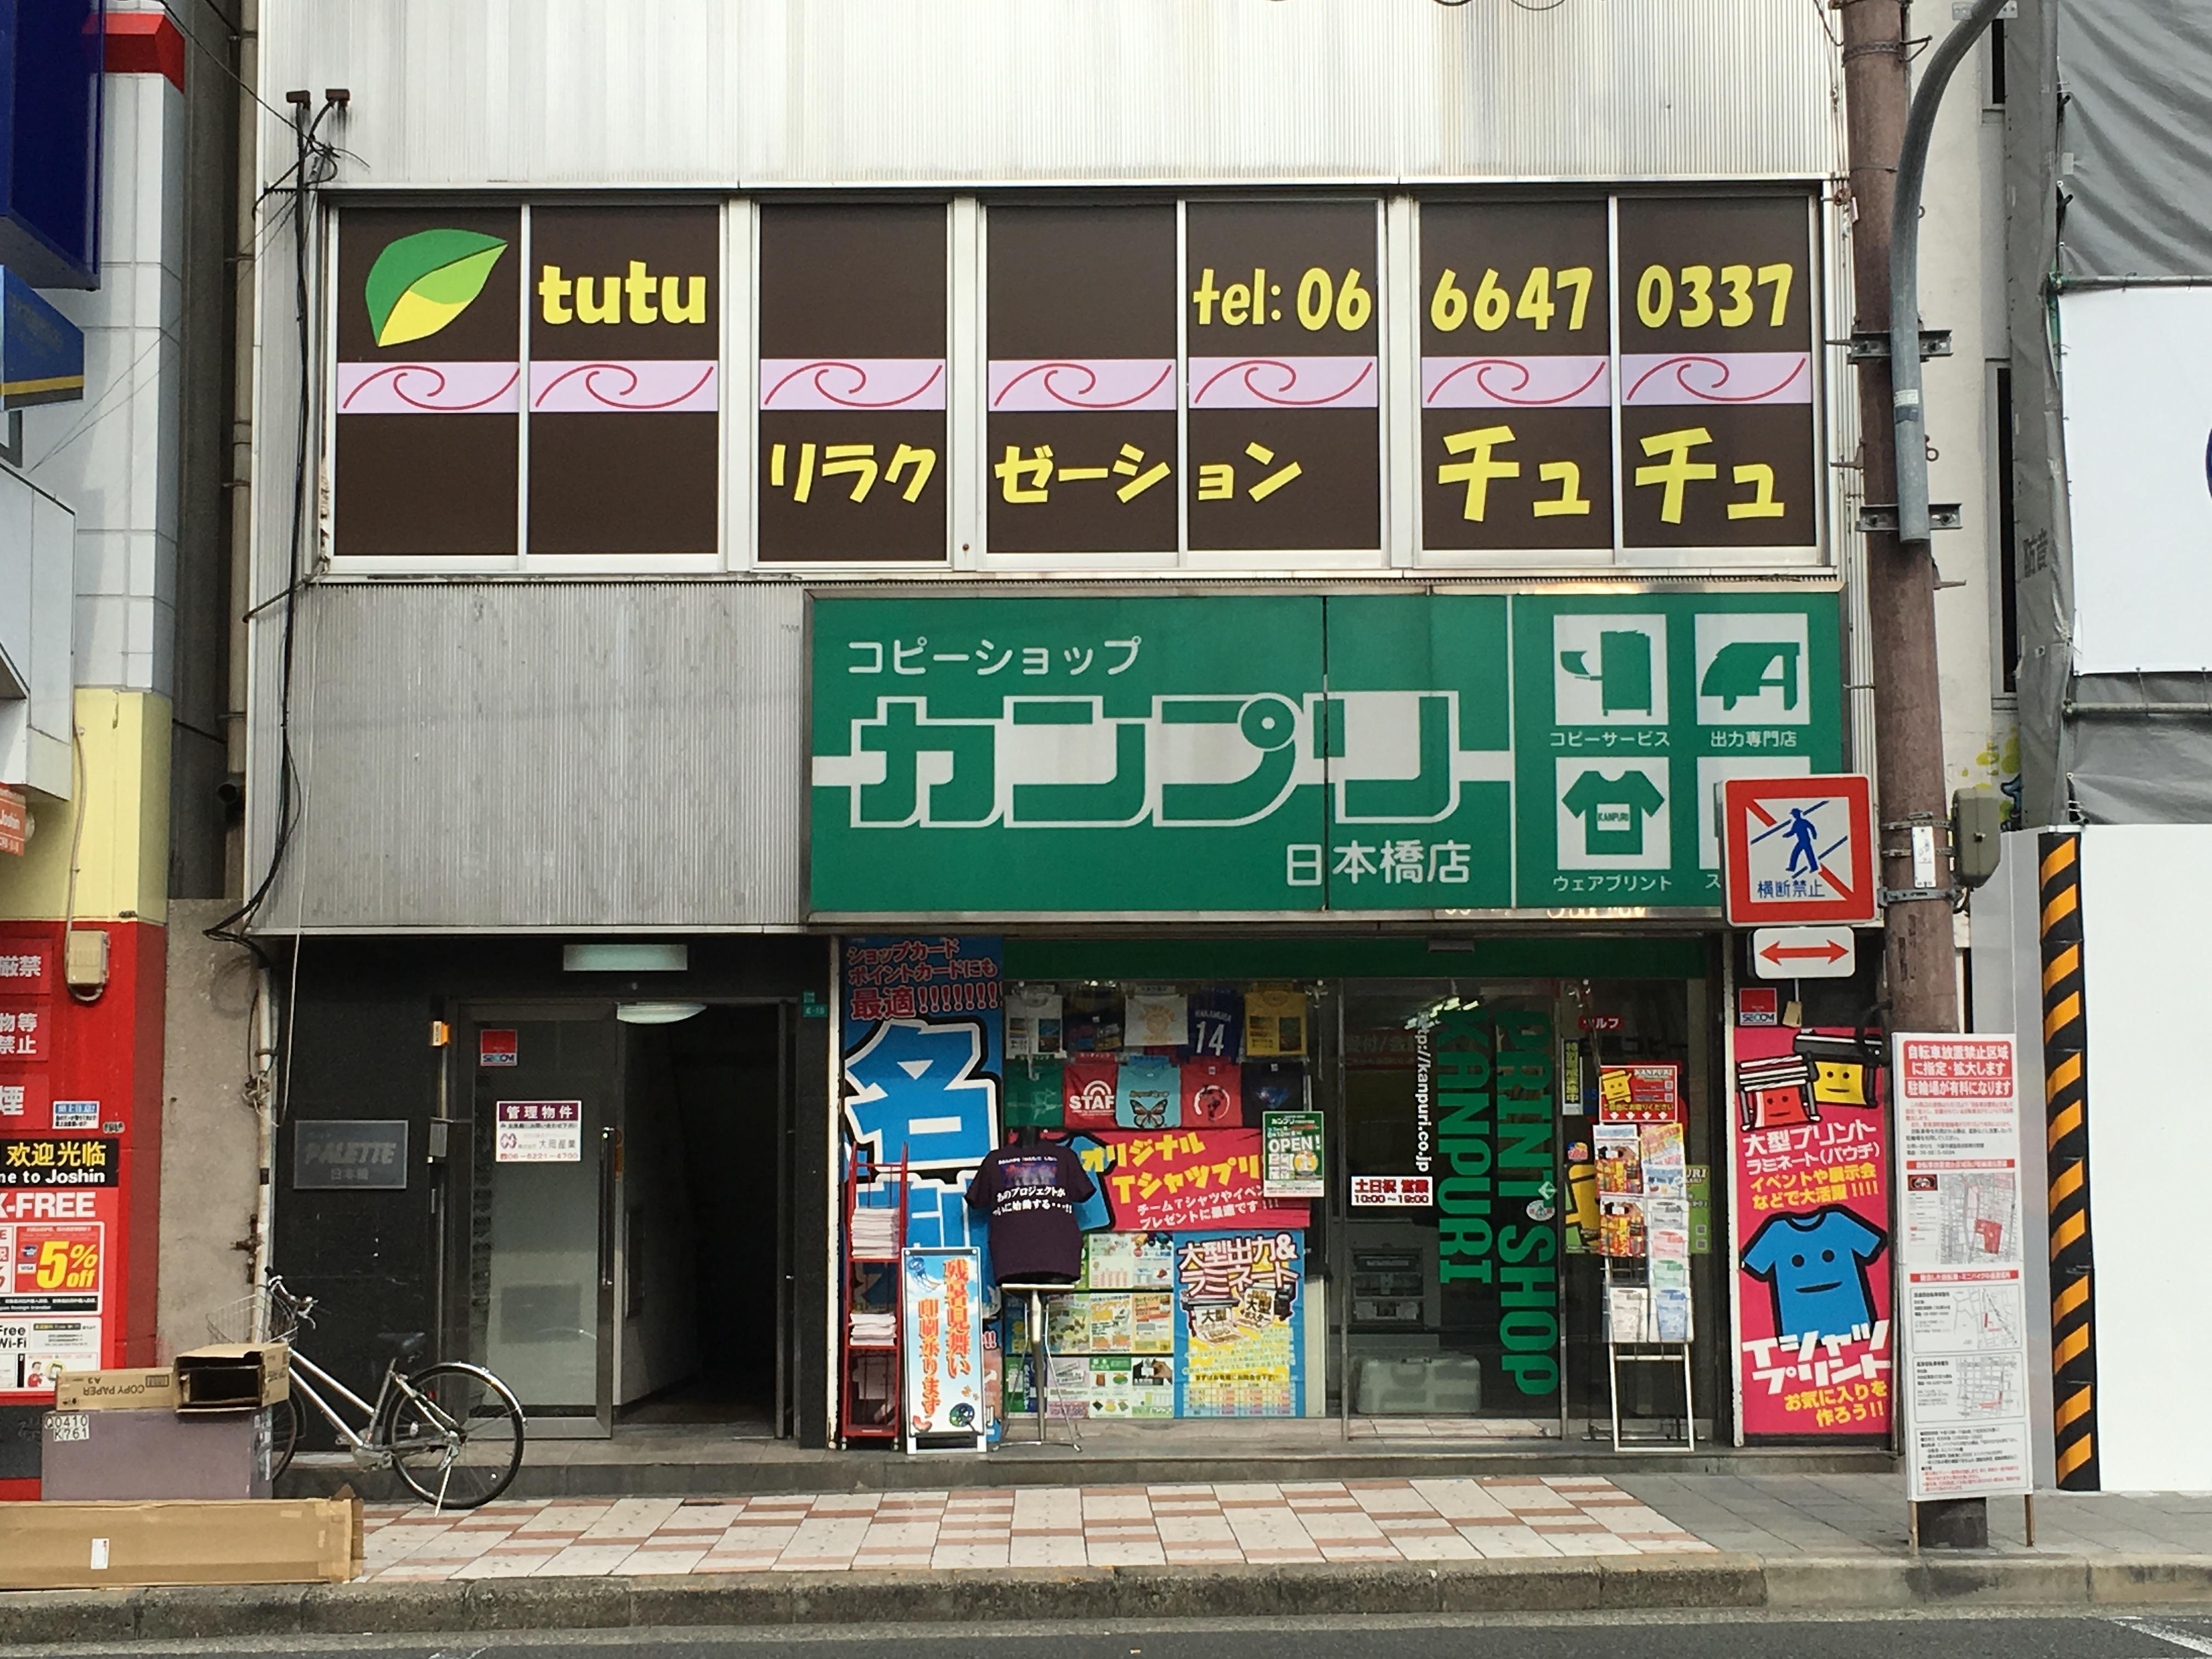 コピー・印刷の専門店「カンプリ」日本橋店が新装移転へ